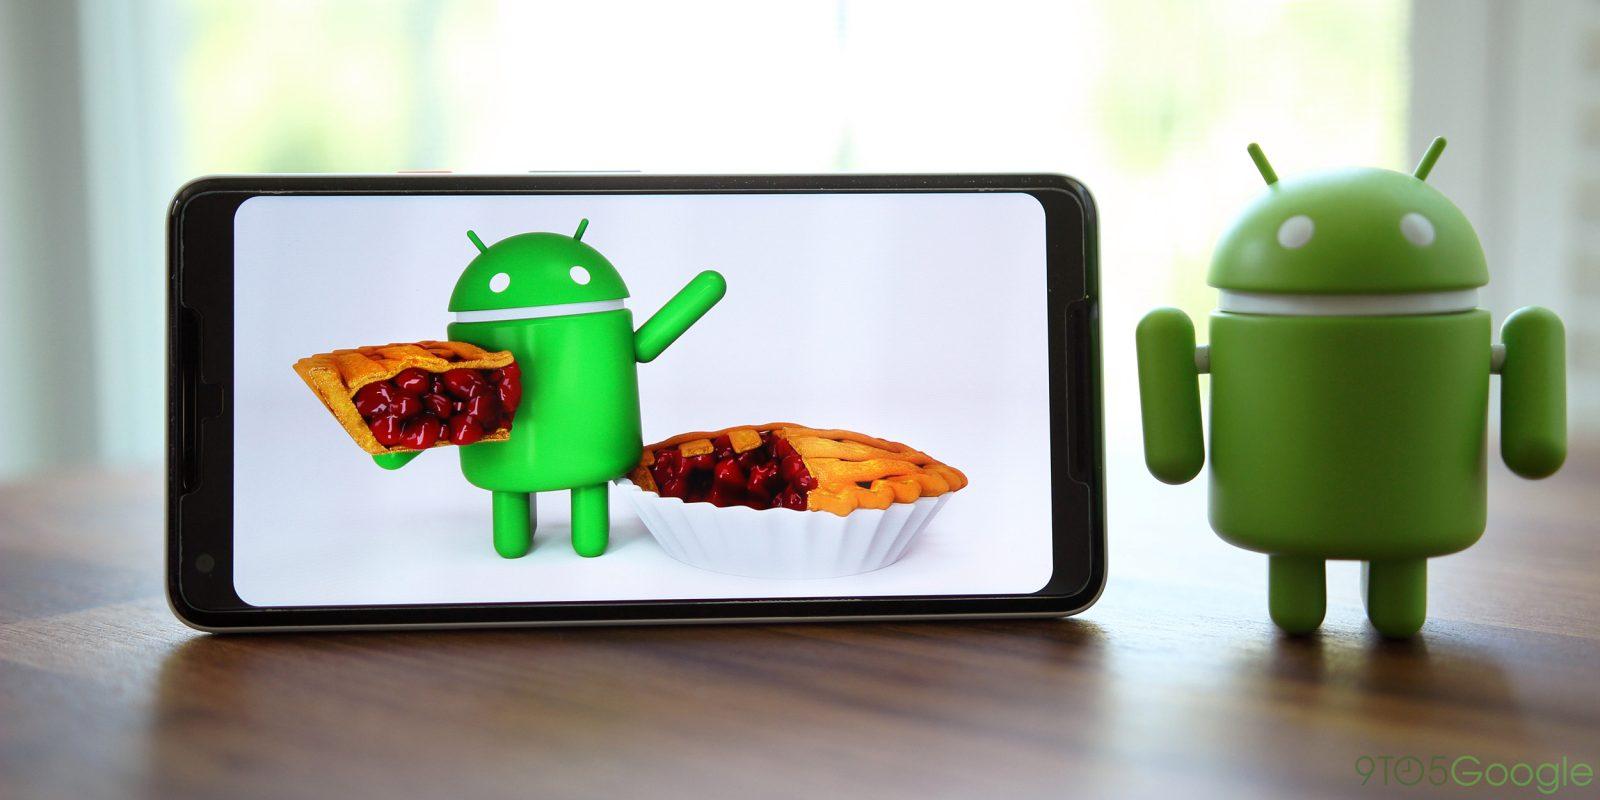 Google chính thức phát hành Android 9 Pie: vẫn còn thiếu nhiều tính năng